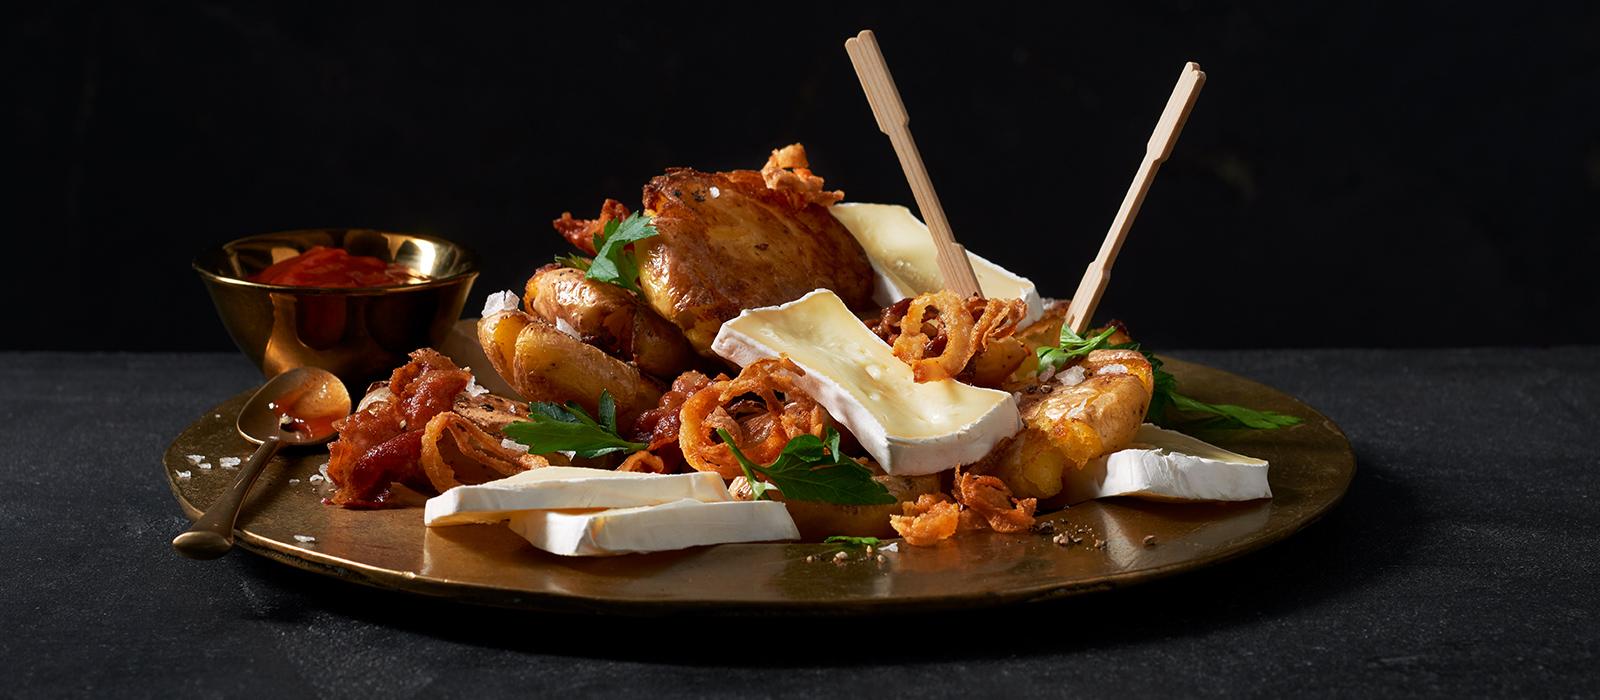 Quetschkartoffeln mit Géramont und Speckbröseln